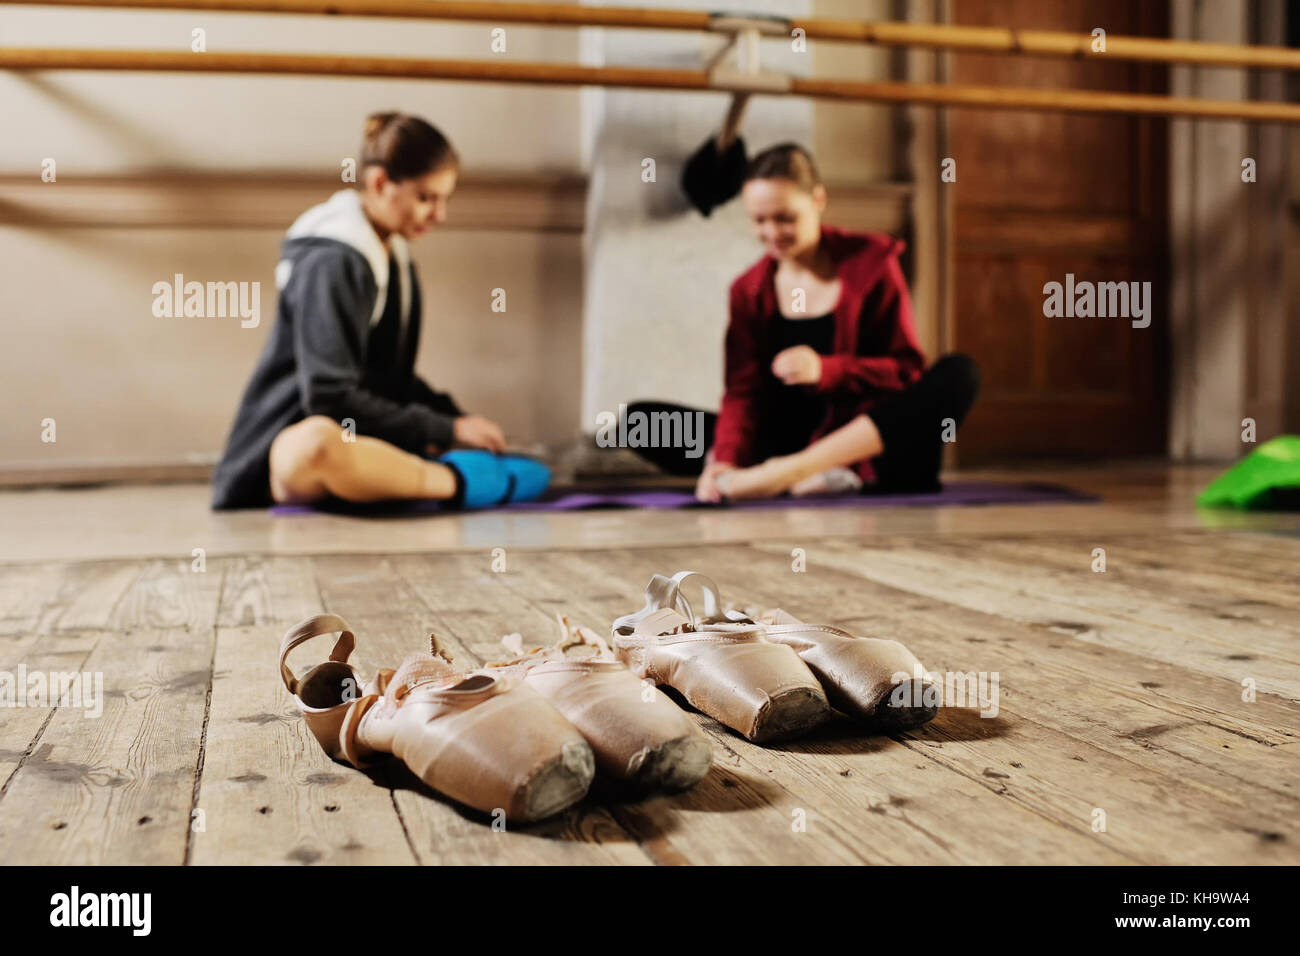 Ballerine en répétition ou de formation Banque D'Images